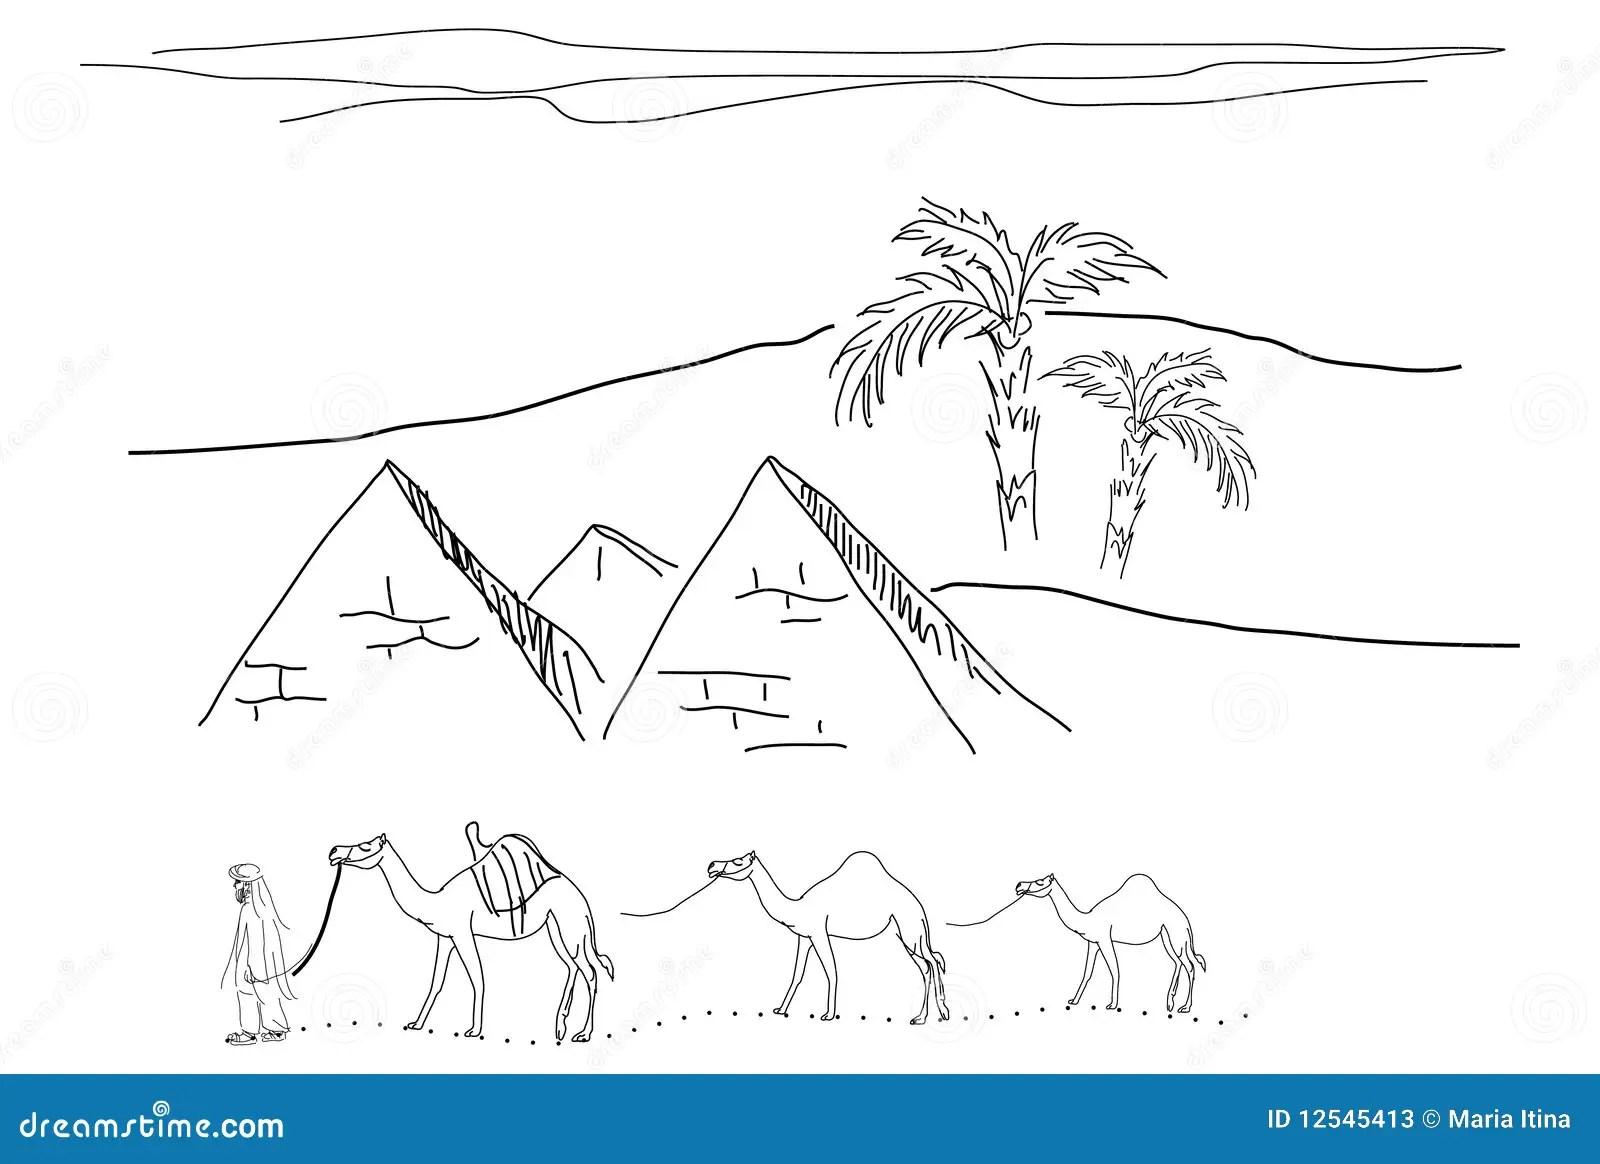 Egypt Sketch Stock Photos